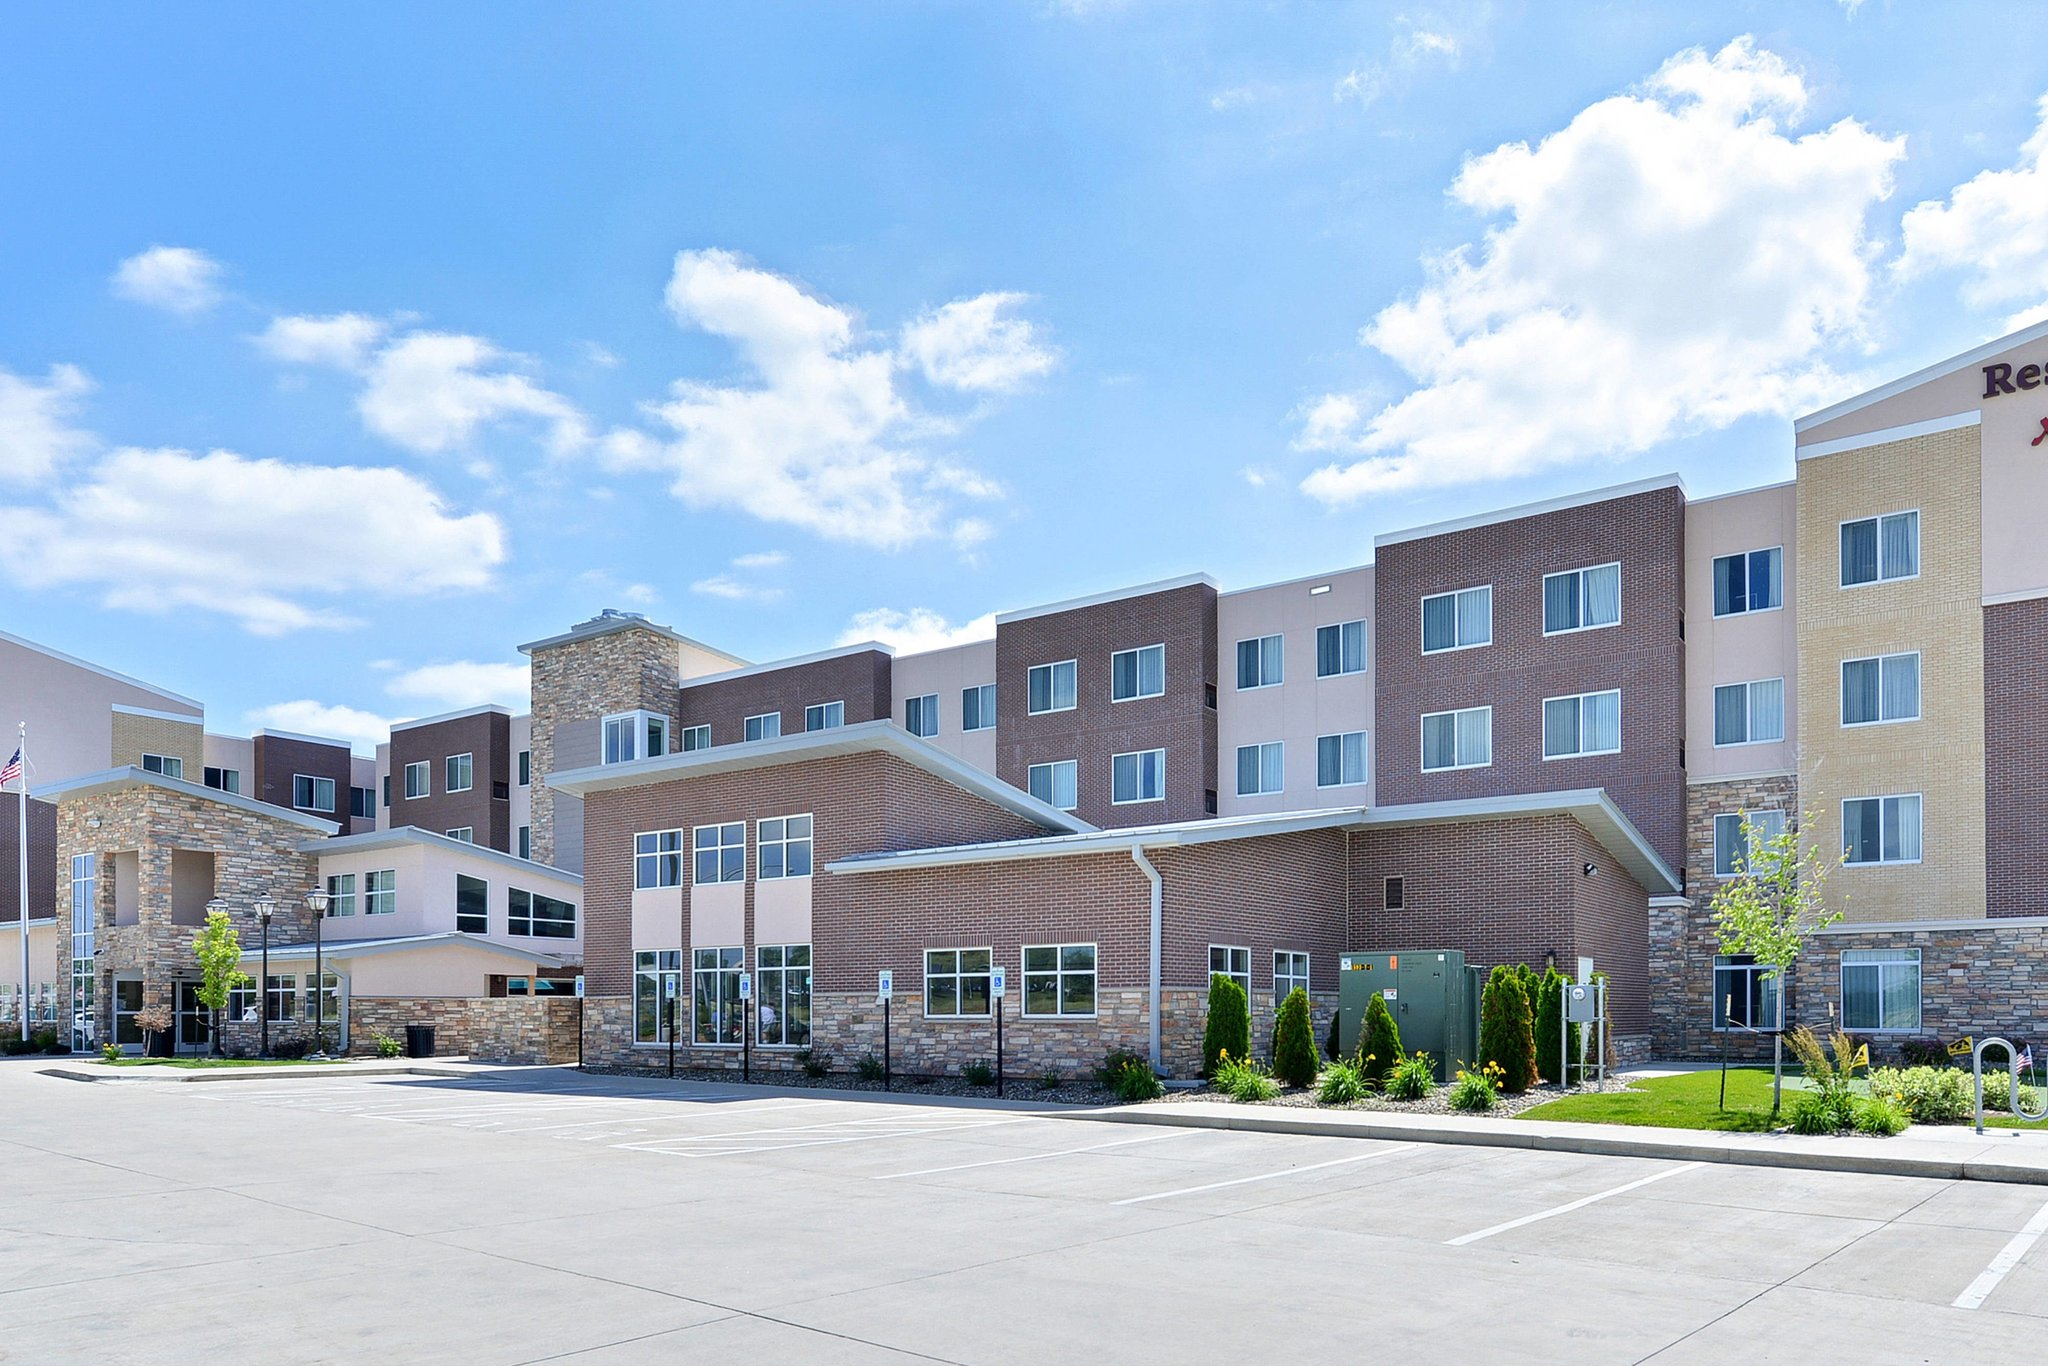 Residence Inn Coralville